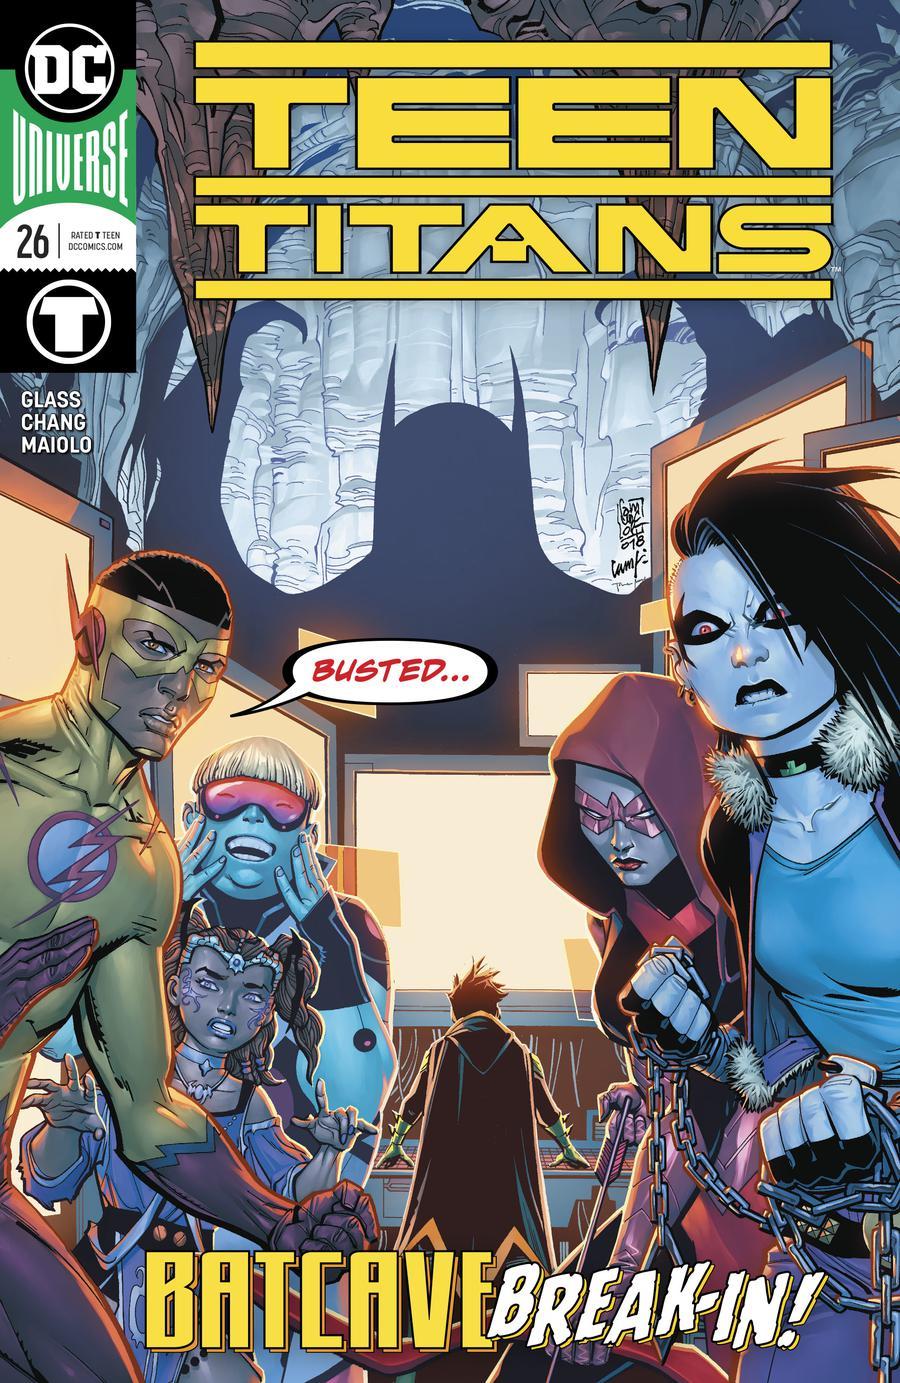 Teen Titans Vol 6 #26 Cover A Regular Giuseppe Camuncoli & Cam Smith Cover